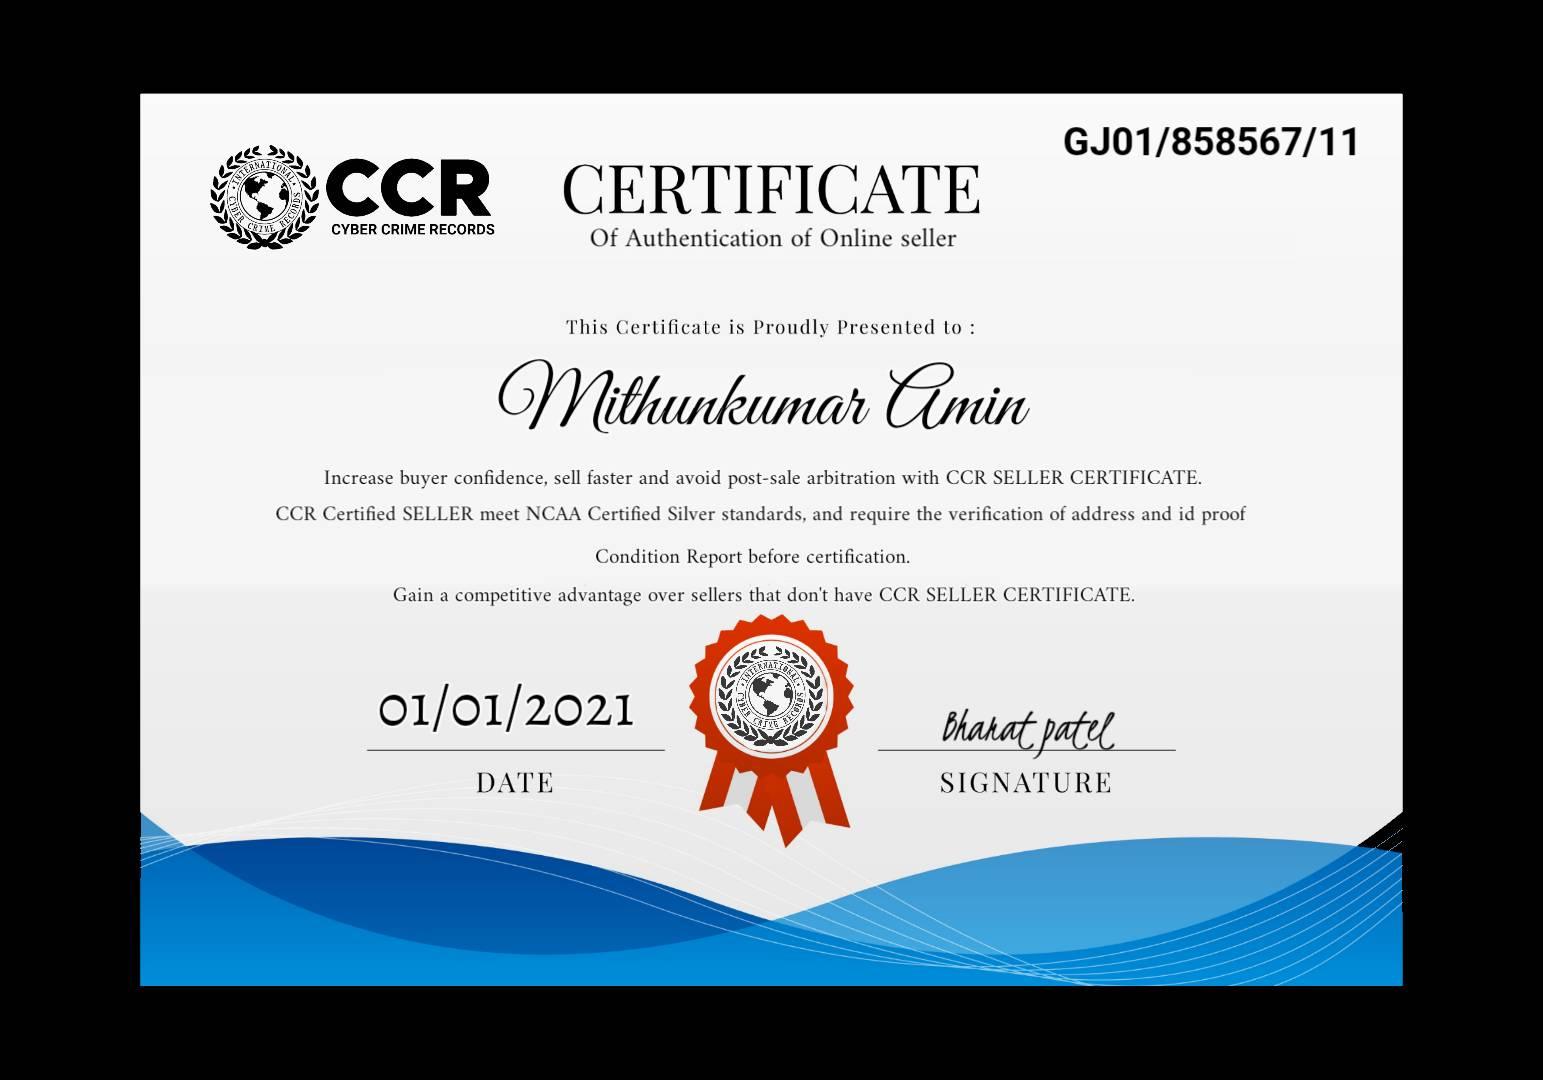 Online seller id: GJ01/858567/11